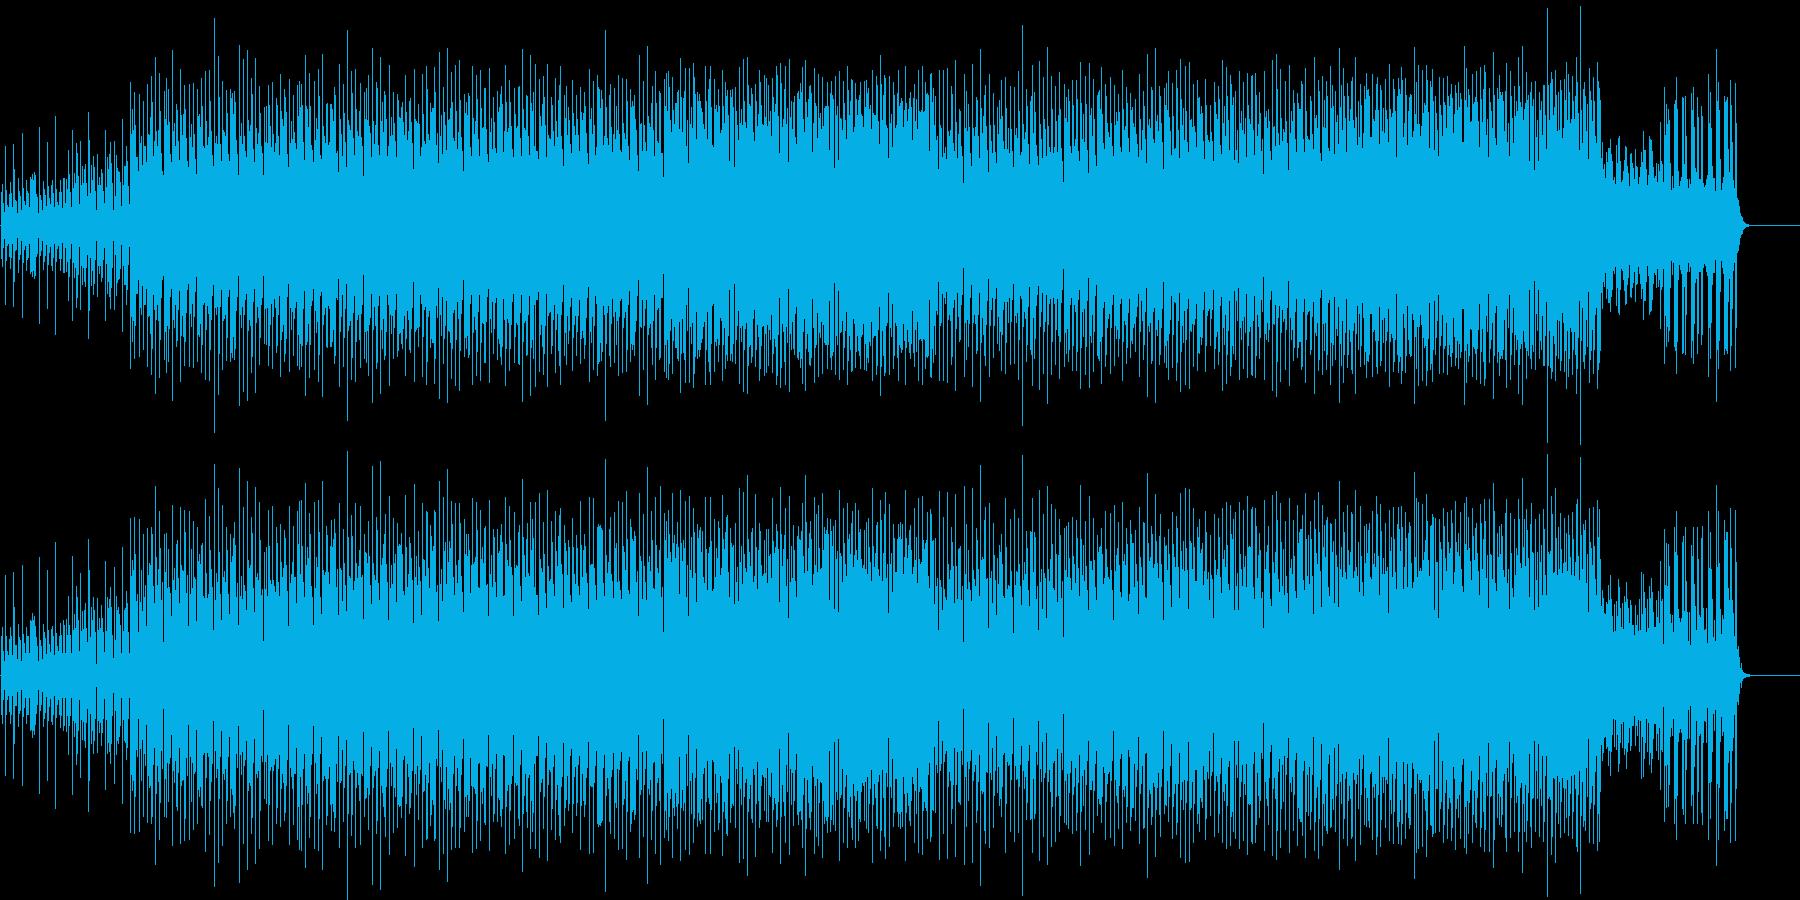 サスペンスドラマ風マイナーポップの再生済みの波形